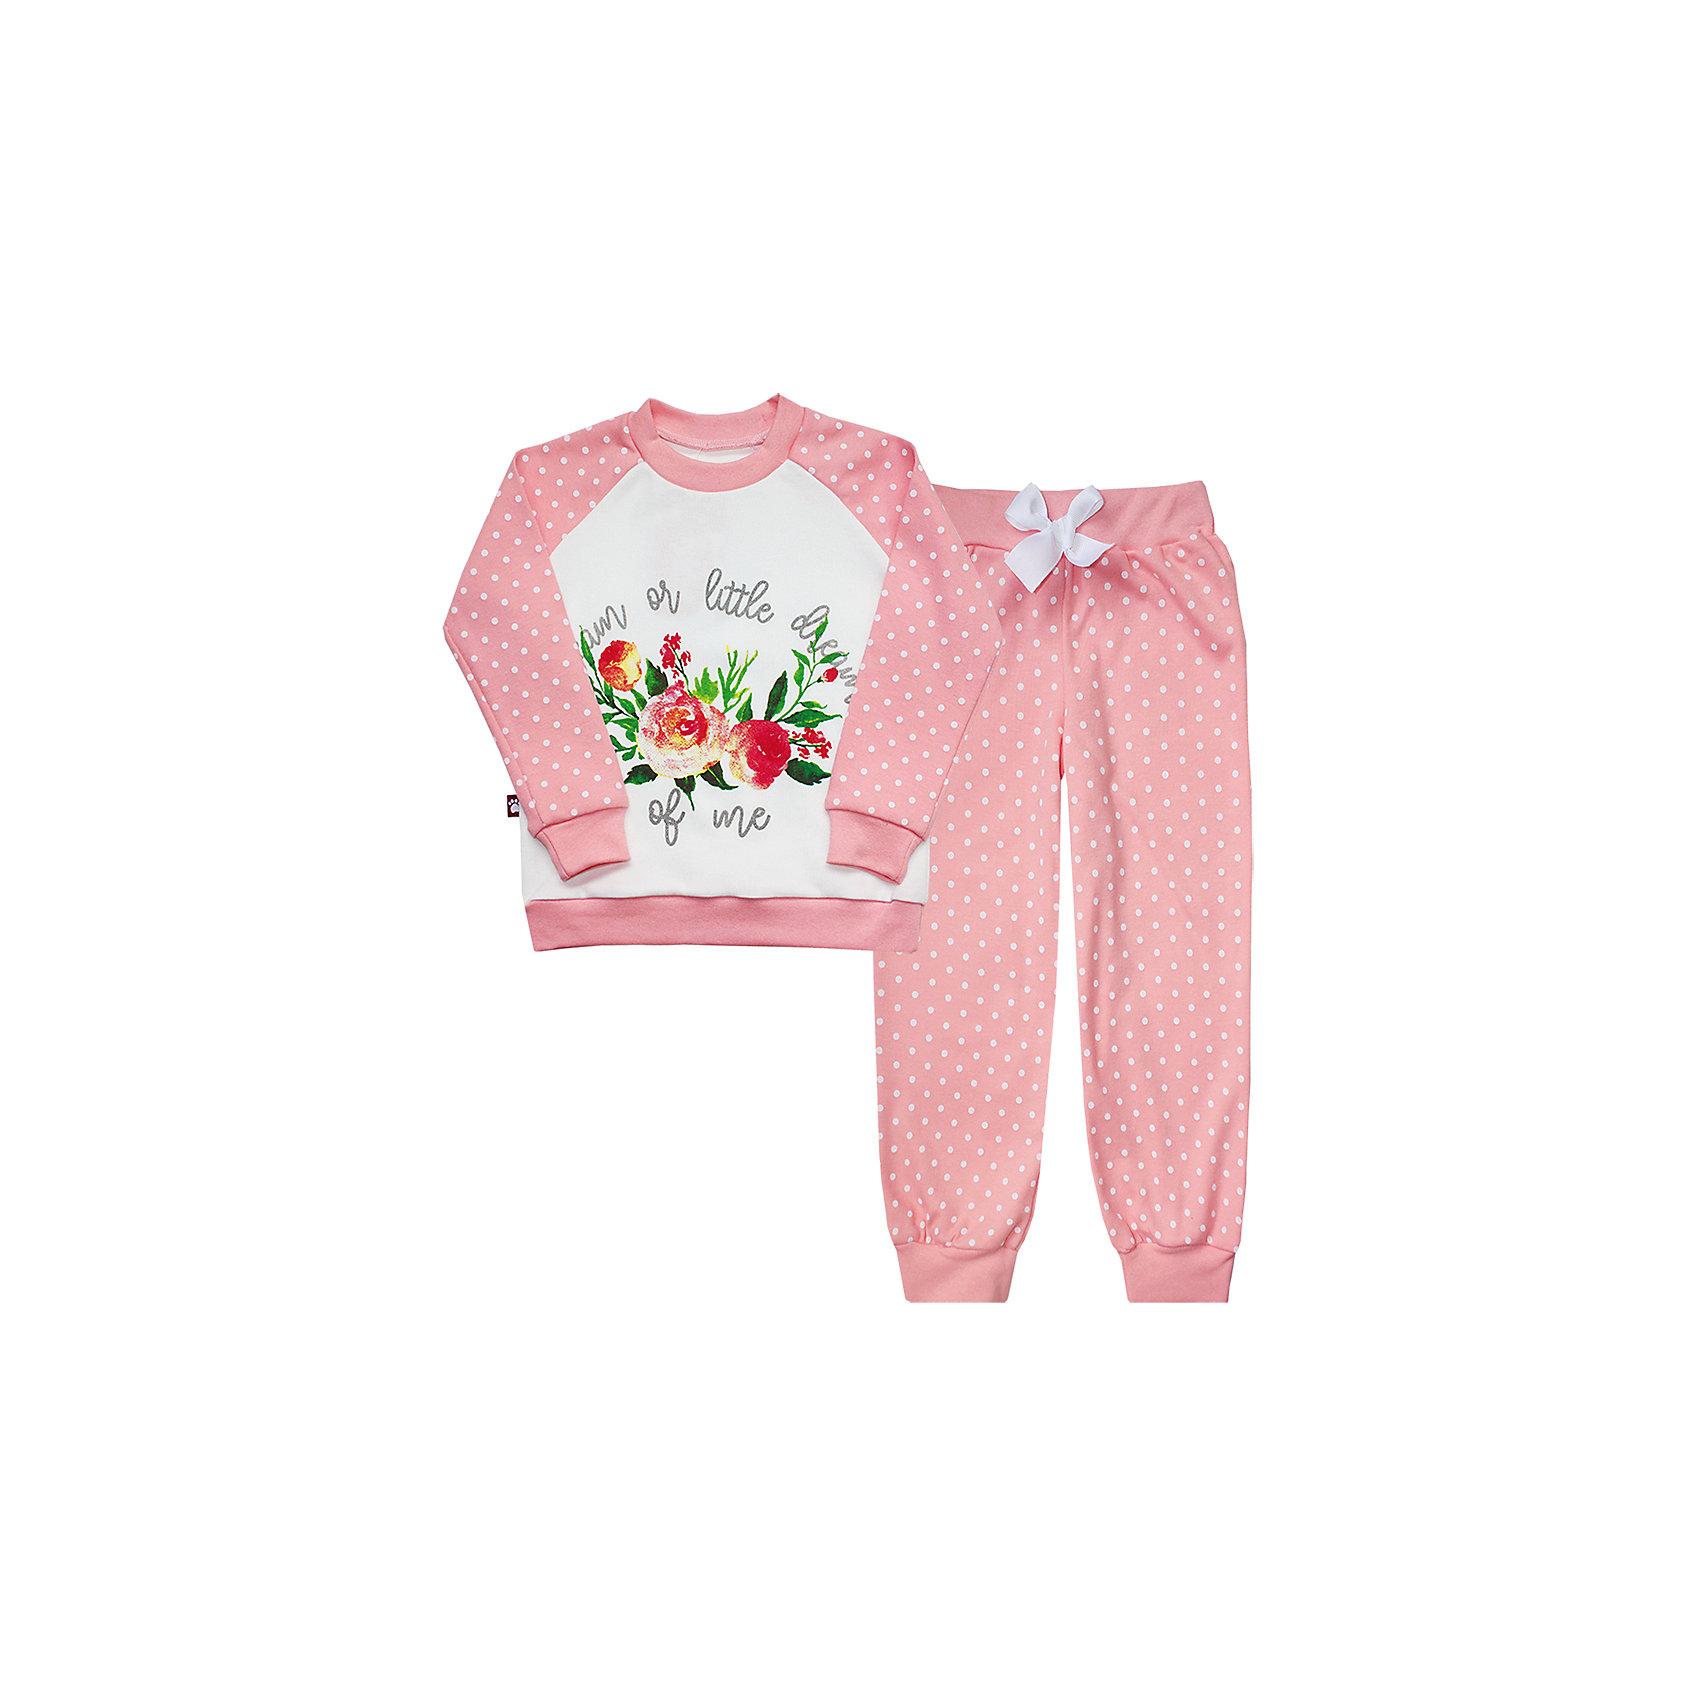 Пижама  для девочки KotMarKotПижамы и сорочки<br>Пижама  для девочки  известной марки KotMarKot.<br><br>Состав: 100% хлопок<br><br>Данную пижаму вы можете купить в нашем магазине.<br><br>Ширина мм: 281<br>Глубина мм: 70<br>Высота мм: 188<br>Вес г: 295<br>Цвет: розовый<br>Возраст от месяцев: 18<br>Возраст до месяцев: 24<br>Пол: Женский<br>Возраст: Детский<br>Размер: 92,122,116,110,104,98<br>SKU: 4906525